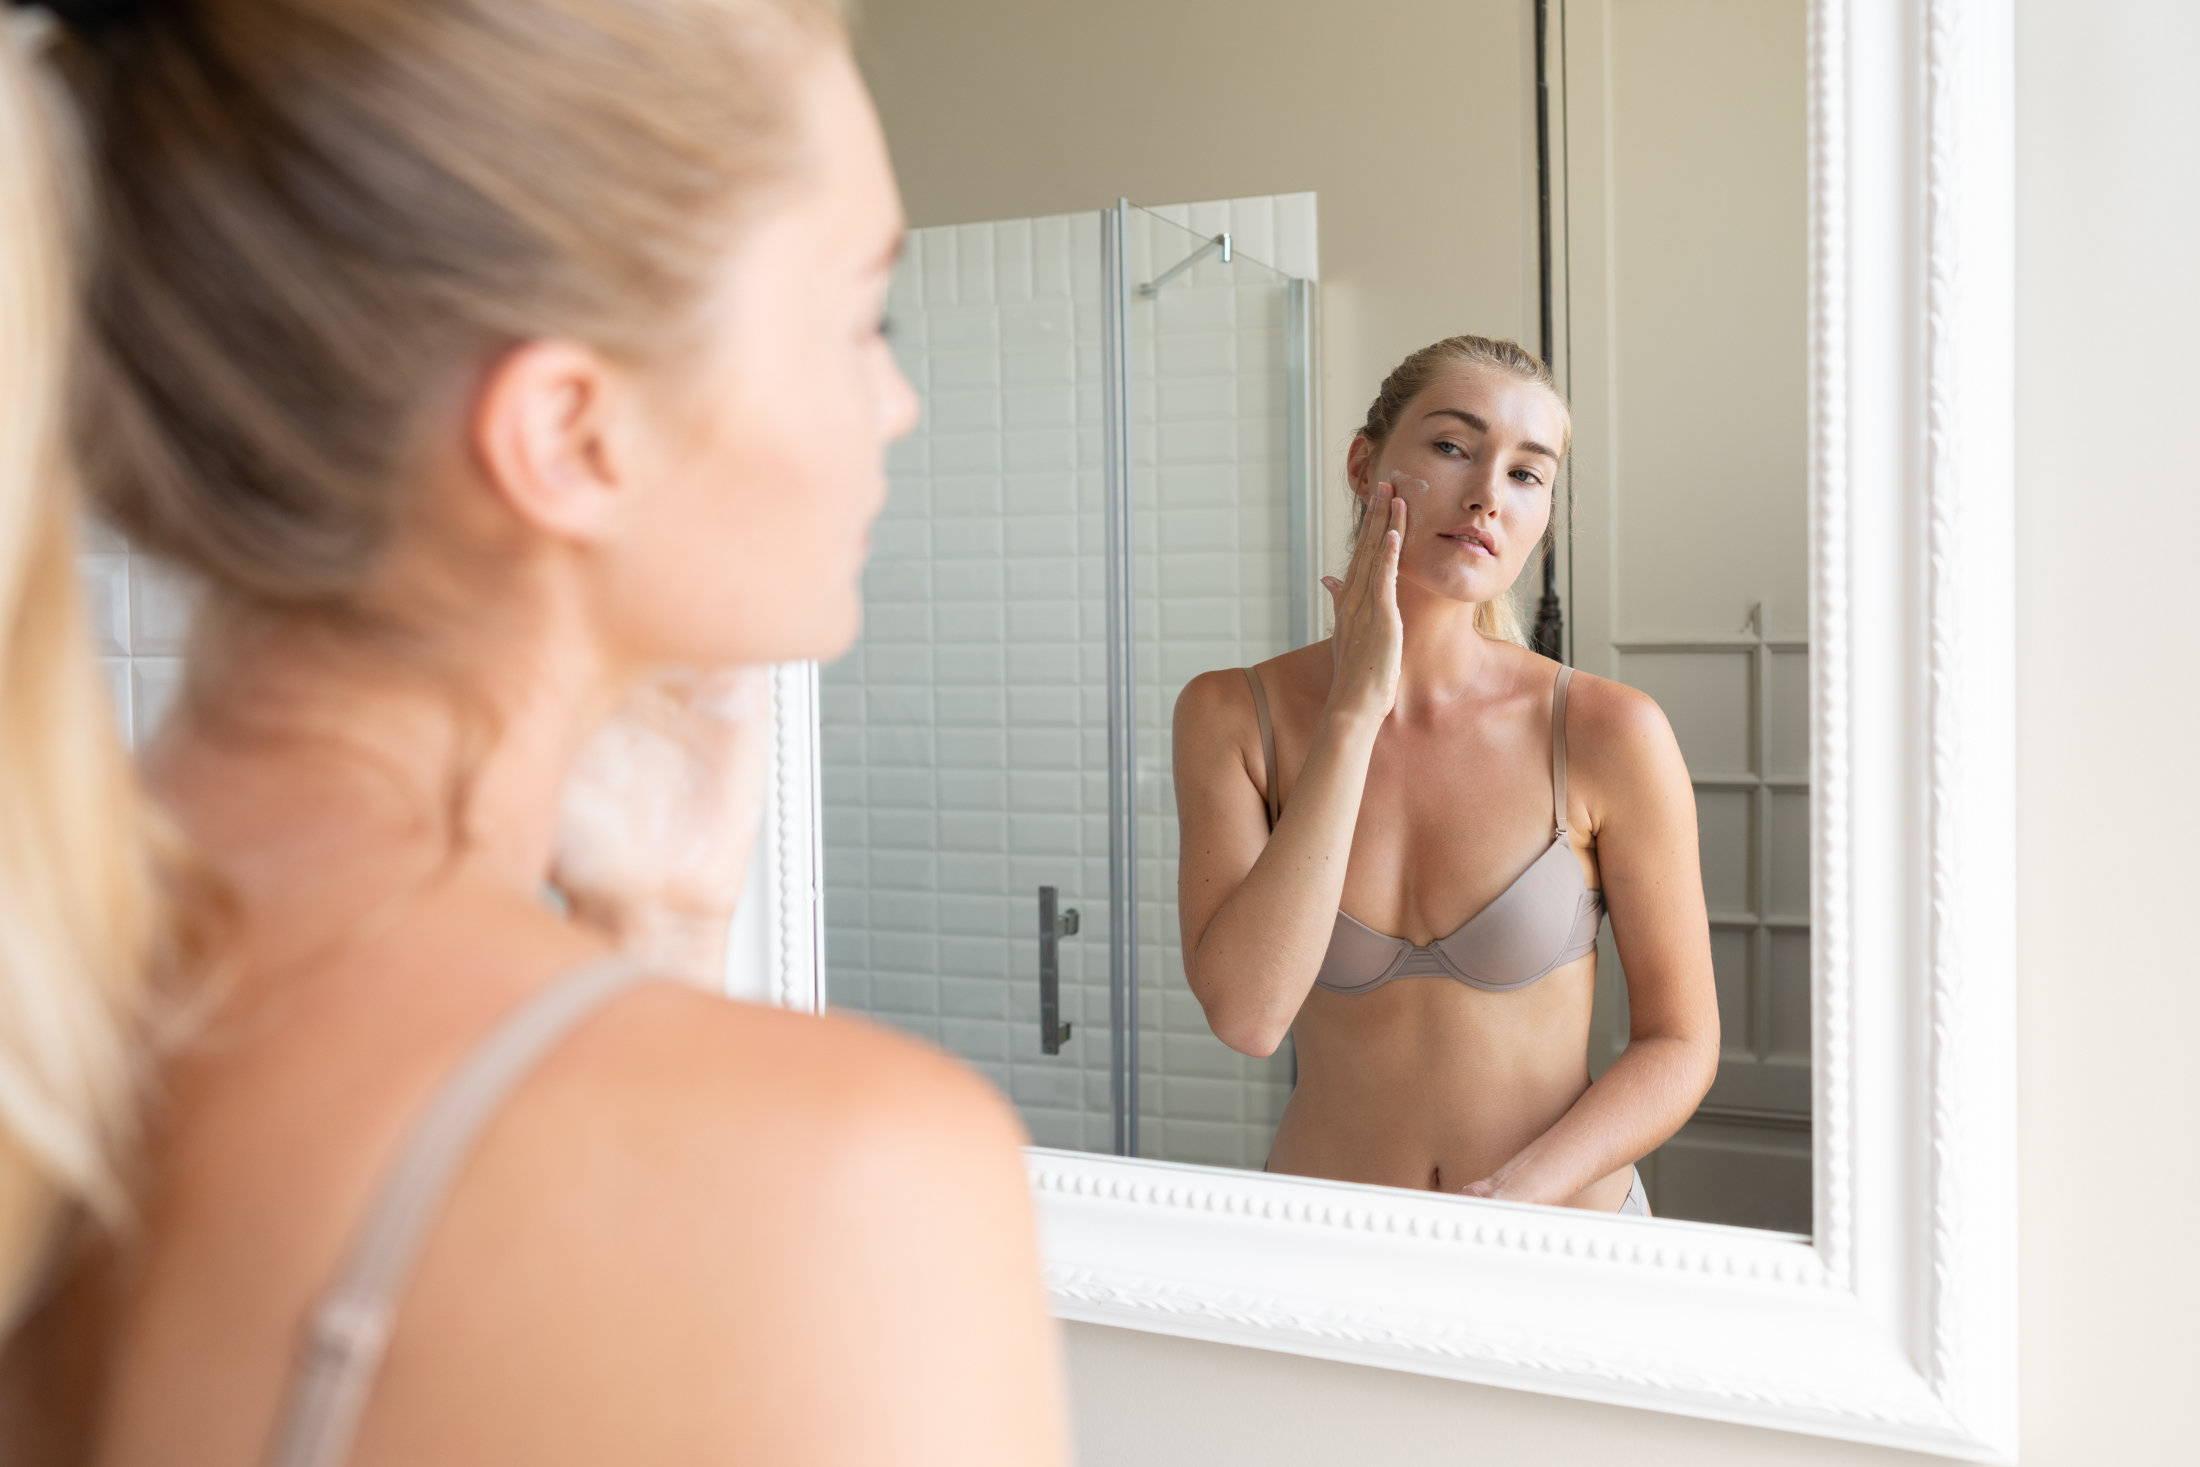 Se faire des masques visage toutes les semaines permet de soulager vos irritations cutanés, c'est très important, de plus si cela est réalisé avec un bon produit efficace comme le savon au lait de chèvre Soin Amalthée.